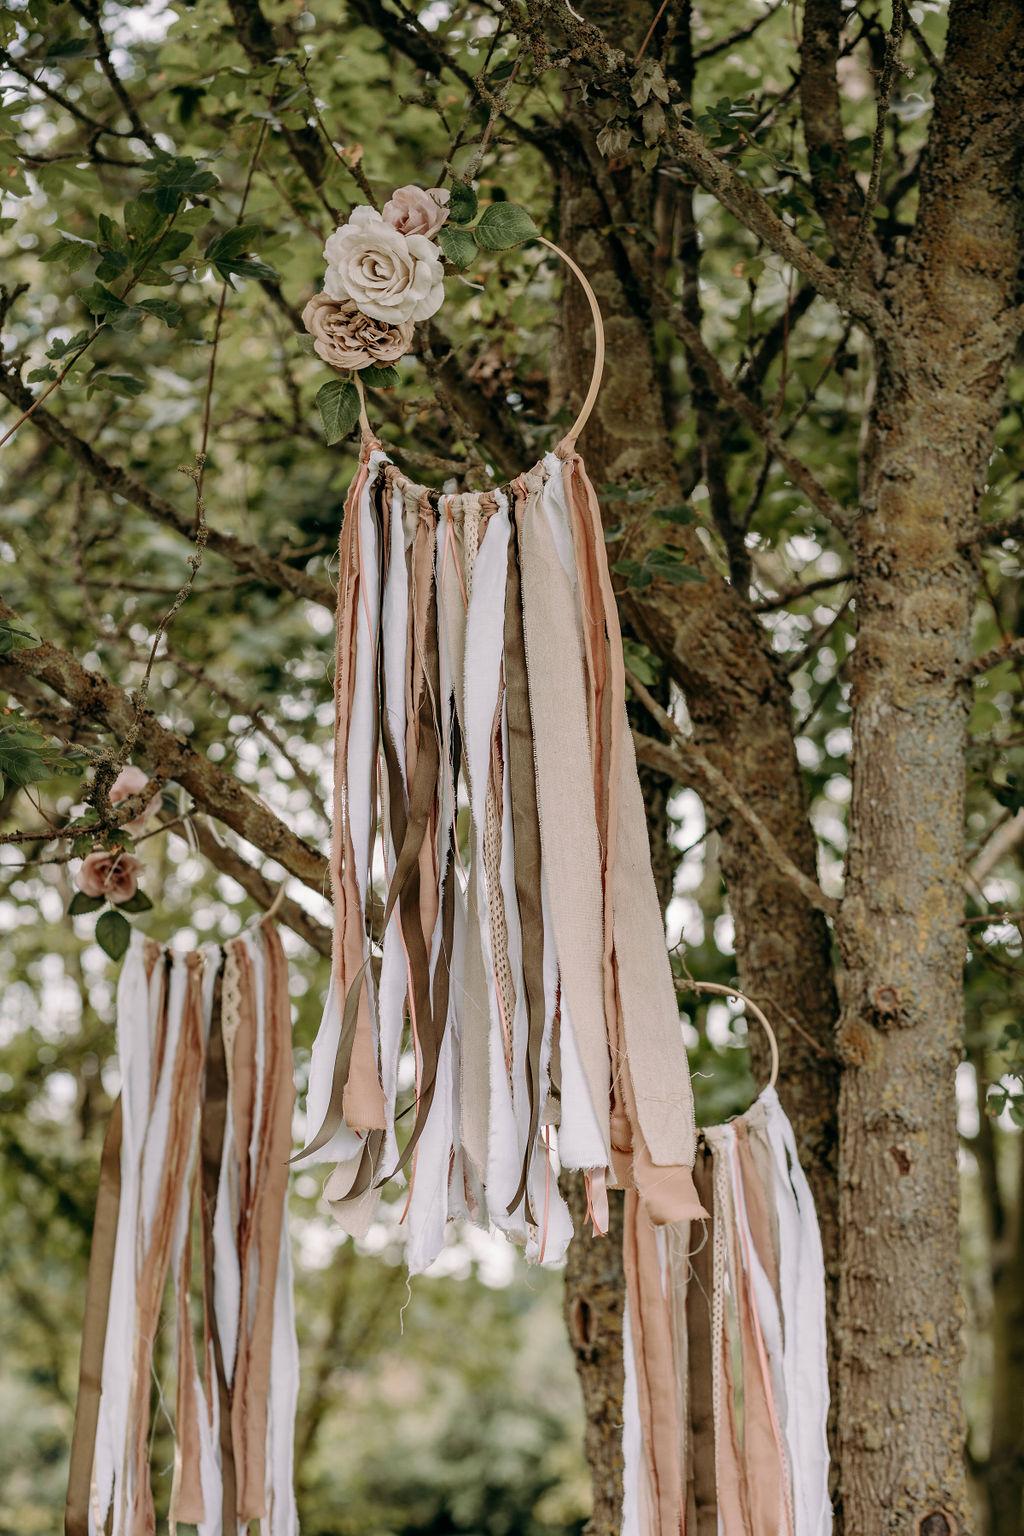 sustainable boho wedding - boho wedding styling - wedding dream catcher - bohemian wedding decor - unconventional wedding